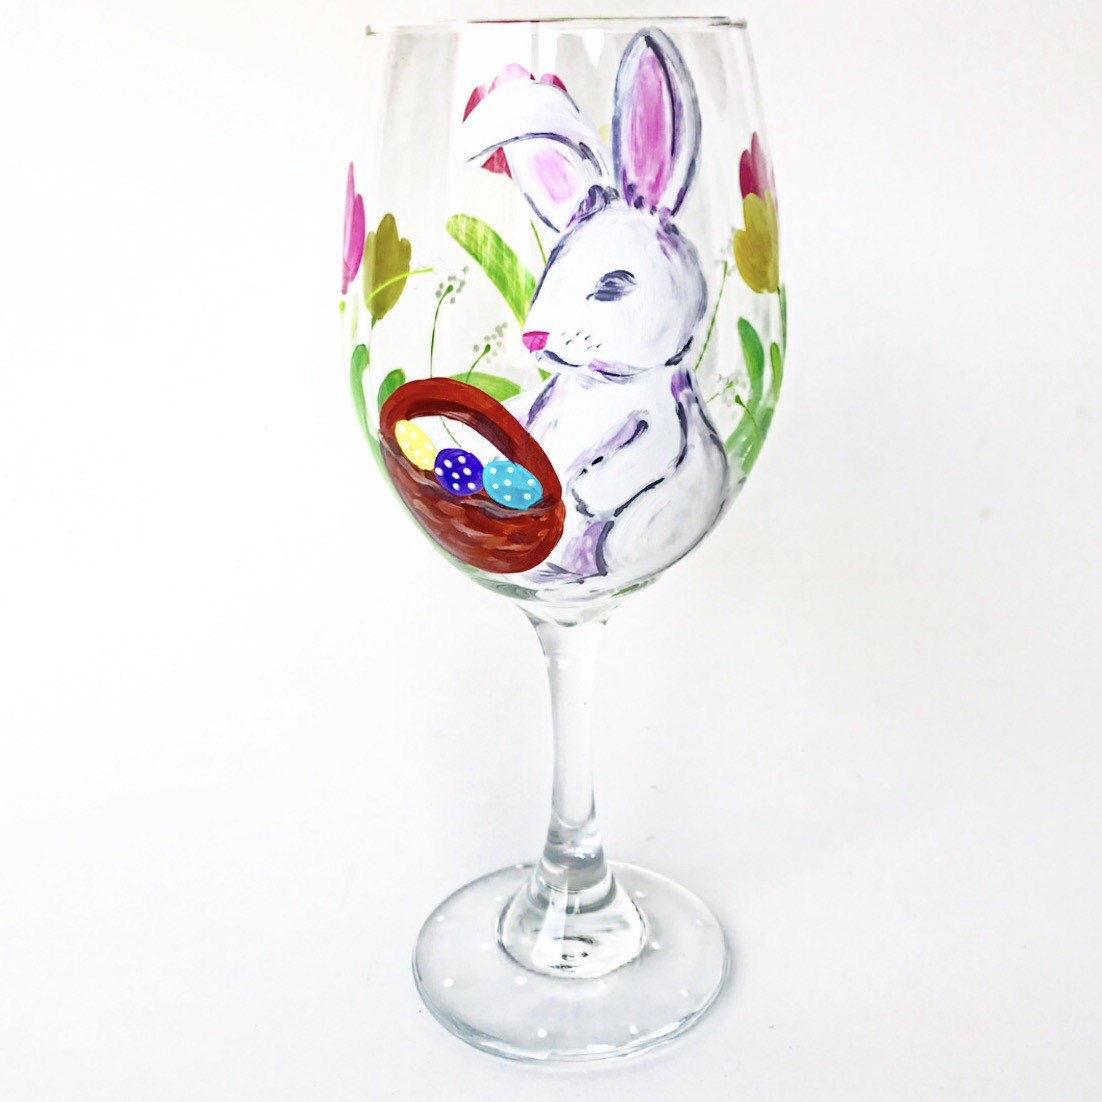 easter bunny wine glass spring tulips easter eggs basket. Black Bedroom Furniture Sets. Home Design Ideas